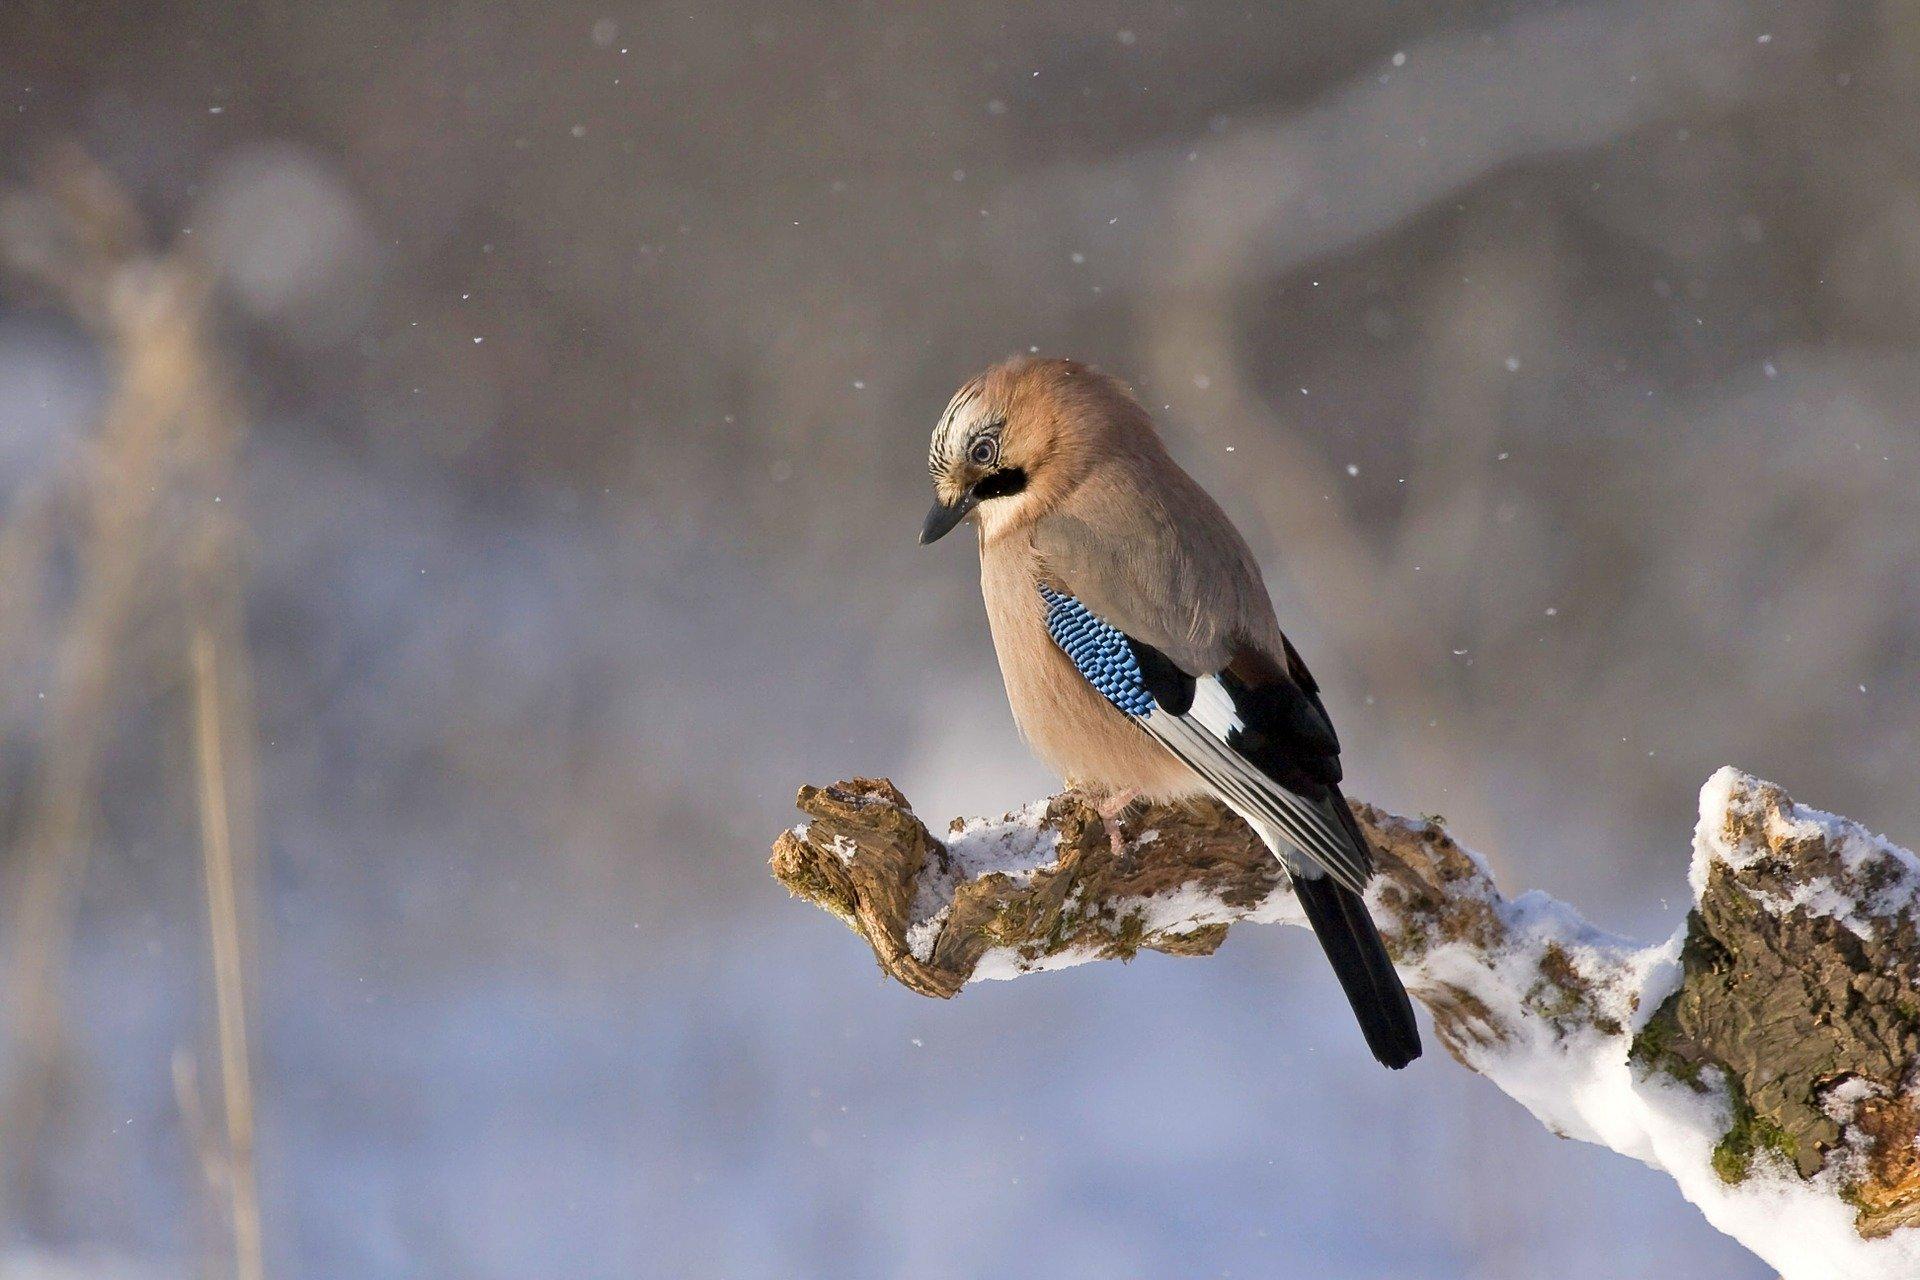 Feeding Birds Through The Winter?